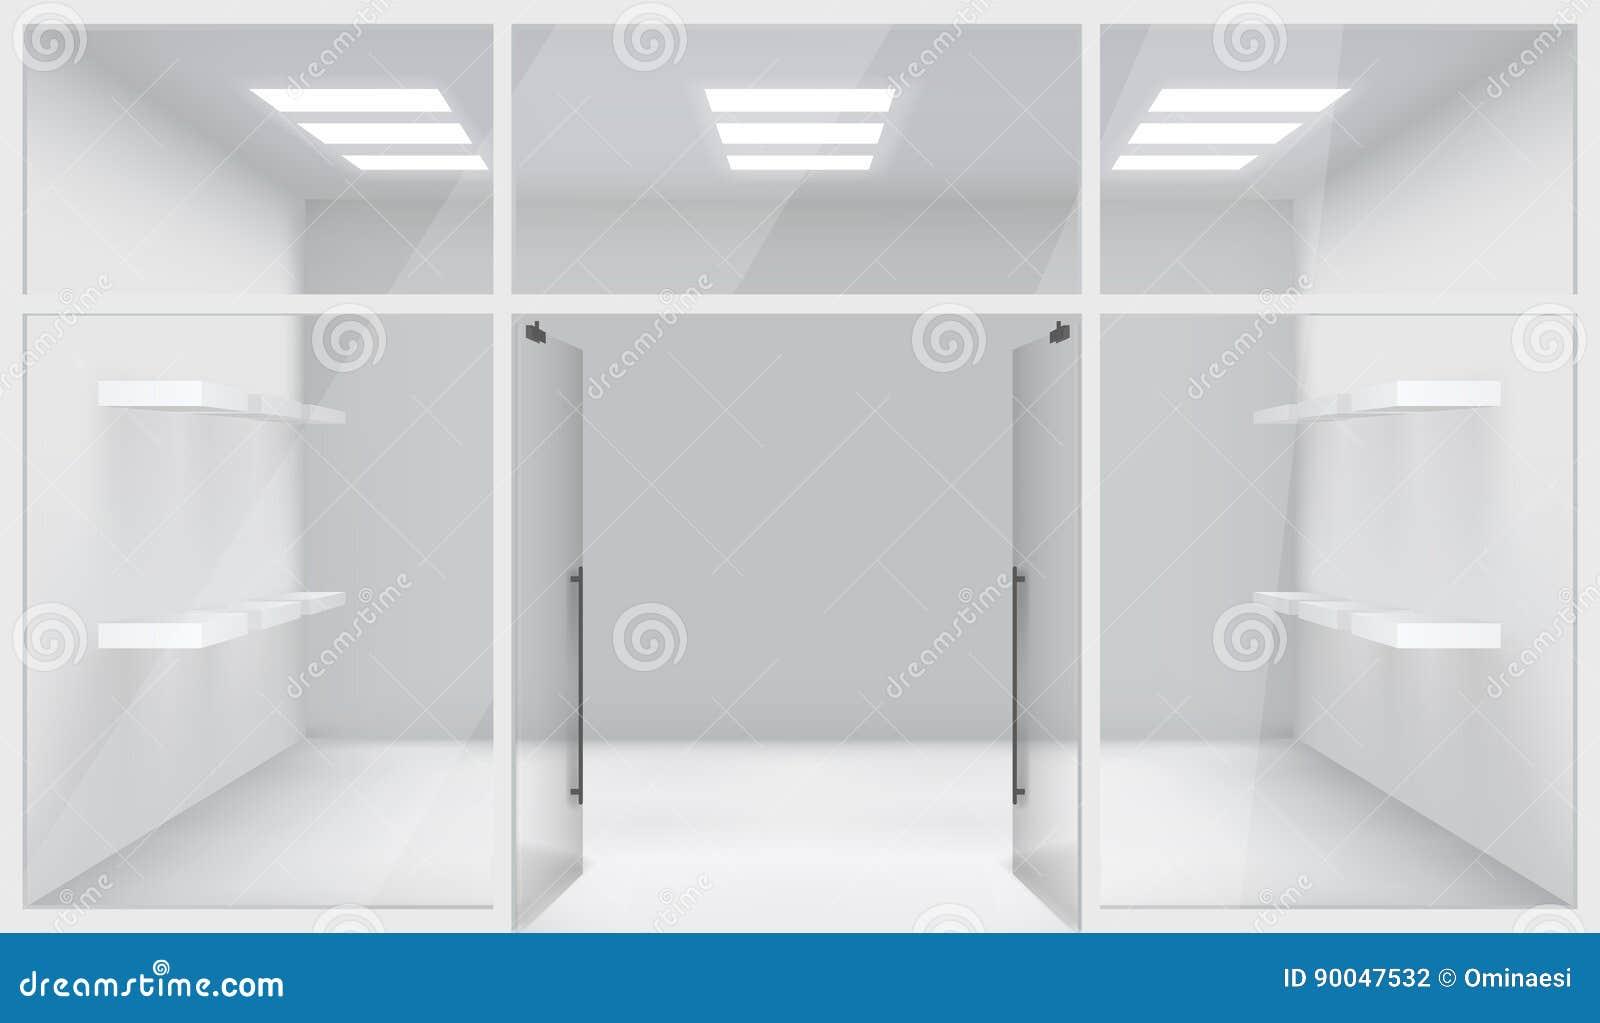 Bordlägger öppna dörrar Front Store Shop 3d för realistiskt utrymme illustrationen för vektorn för mallmodellbakgrund